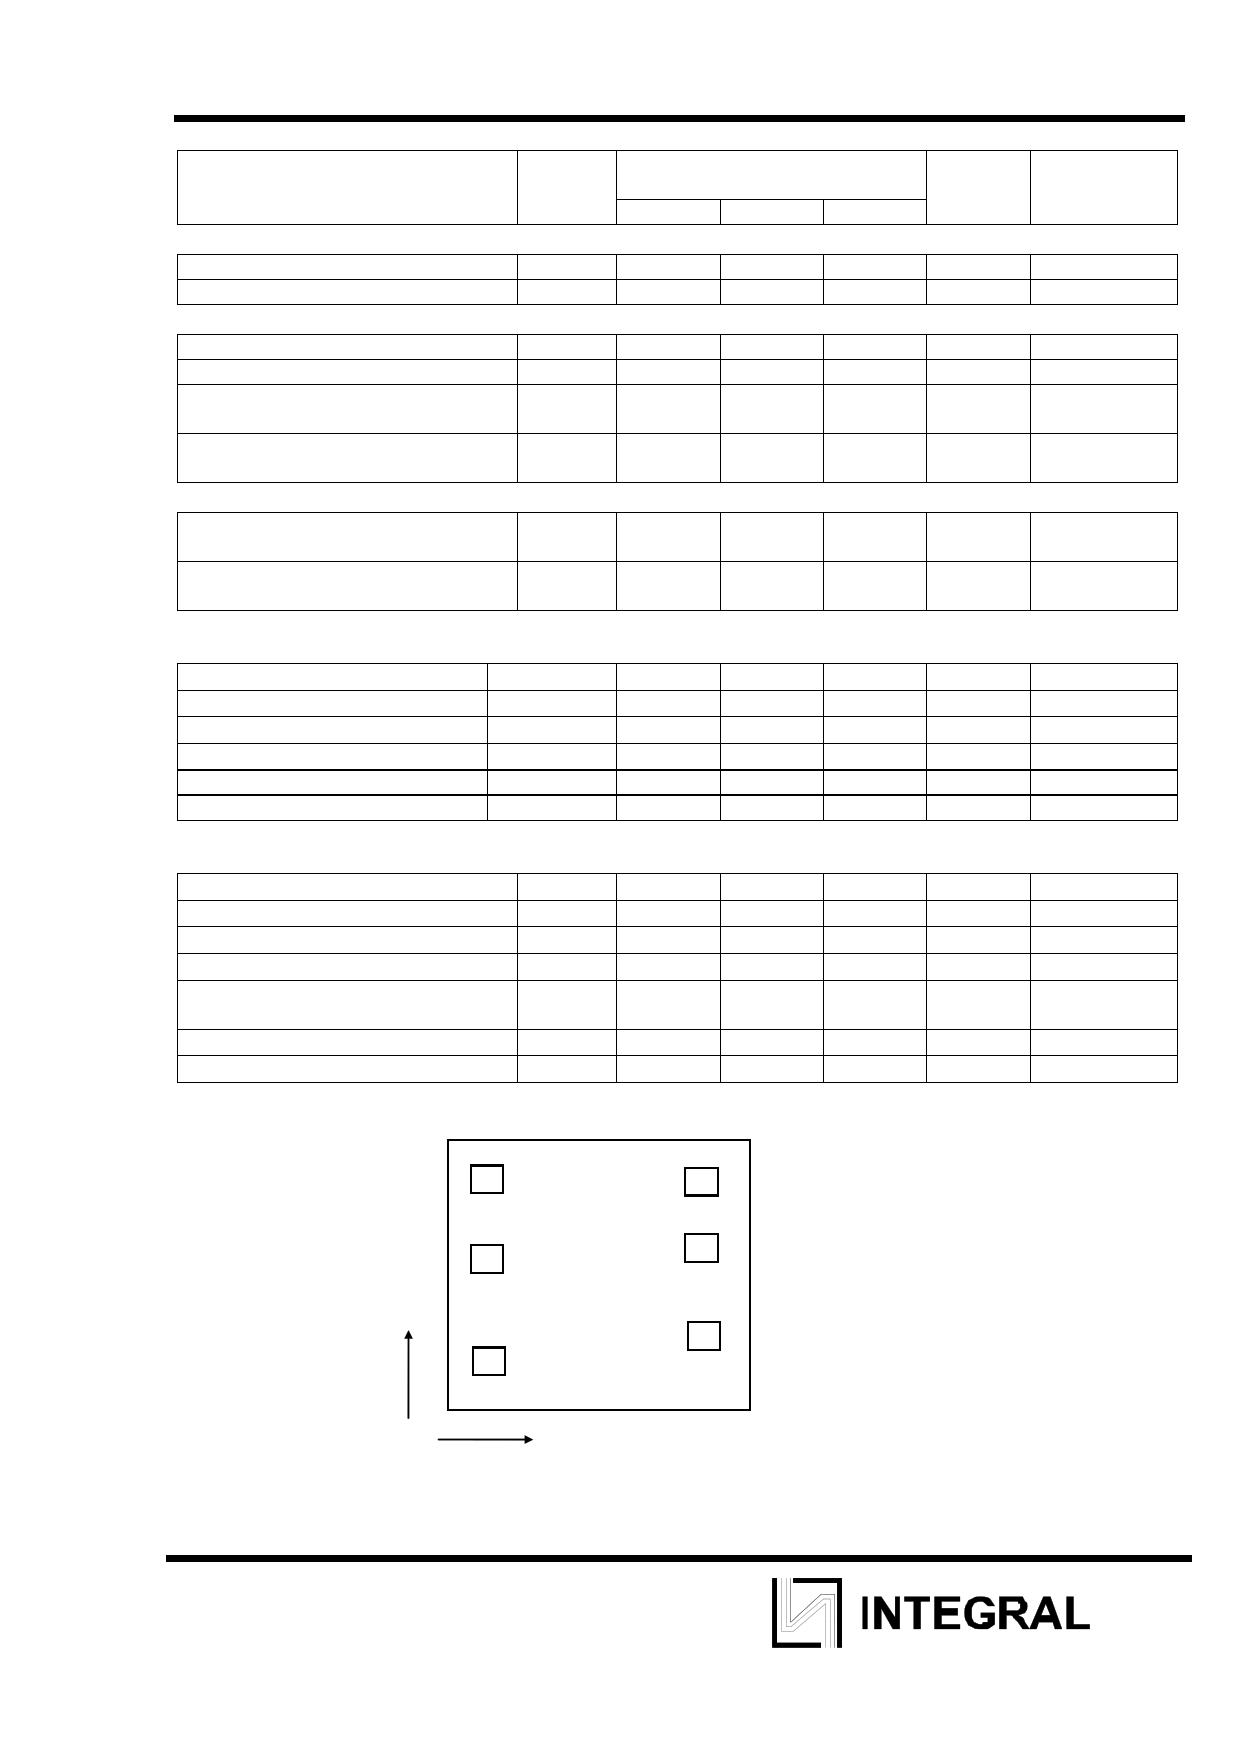 IZE4406 pdf, ピン配列